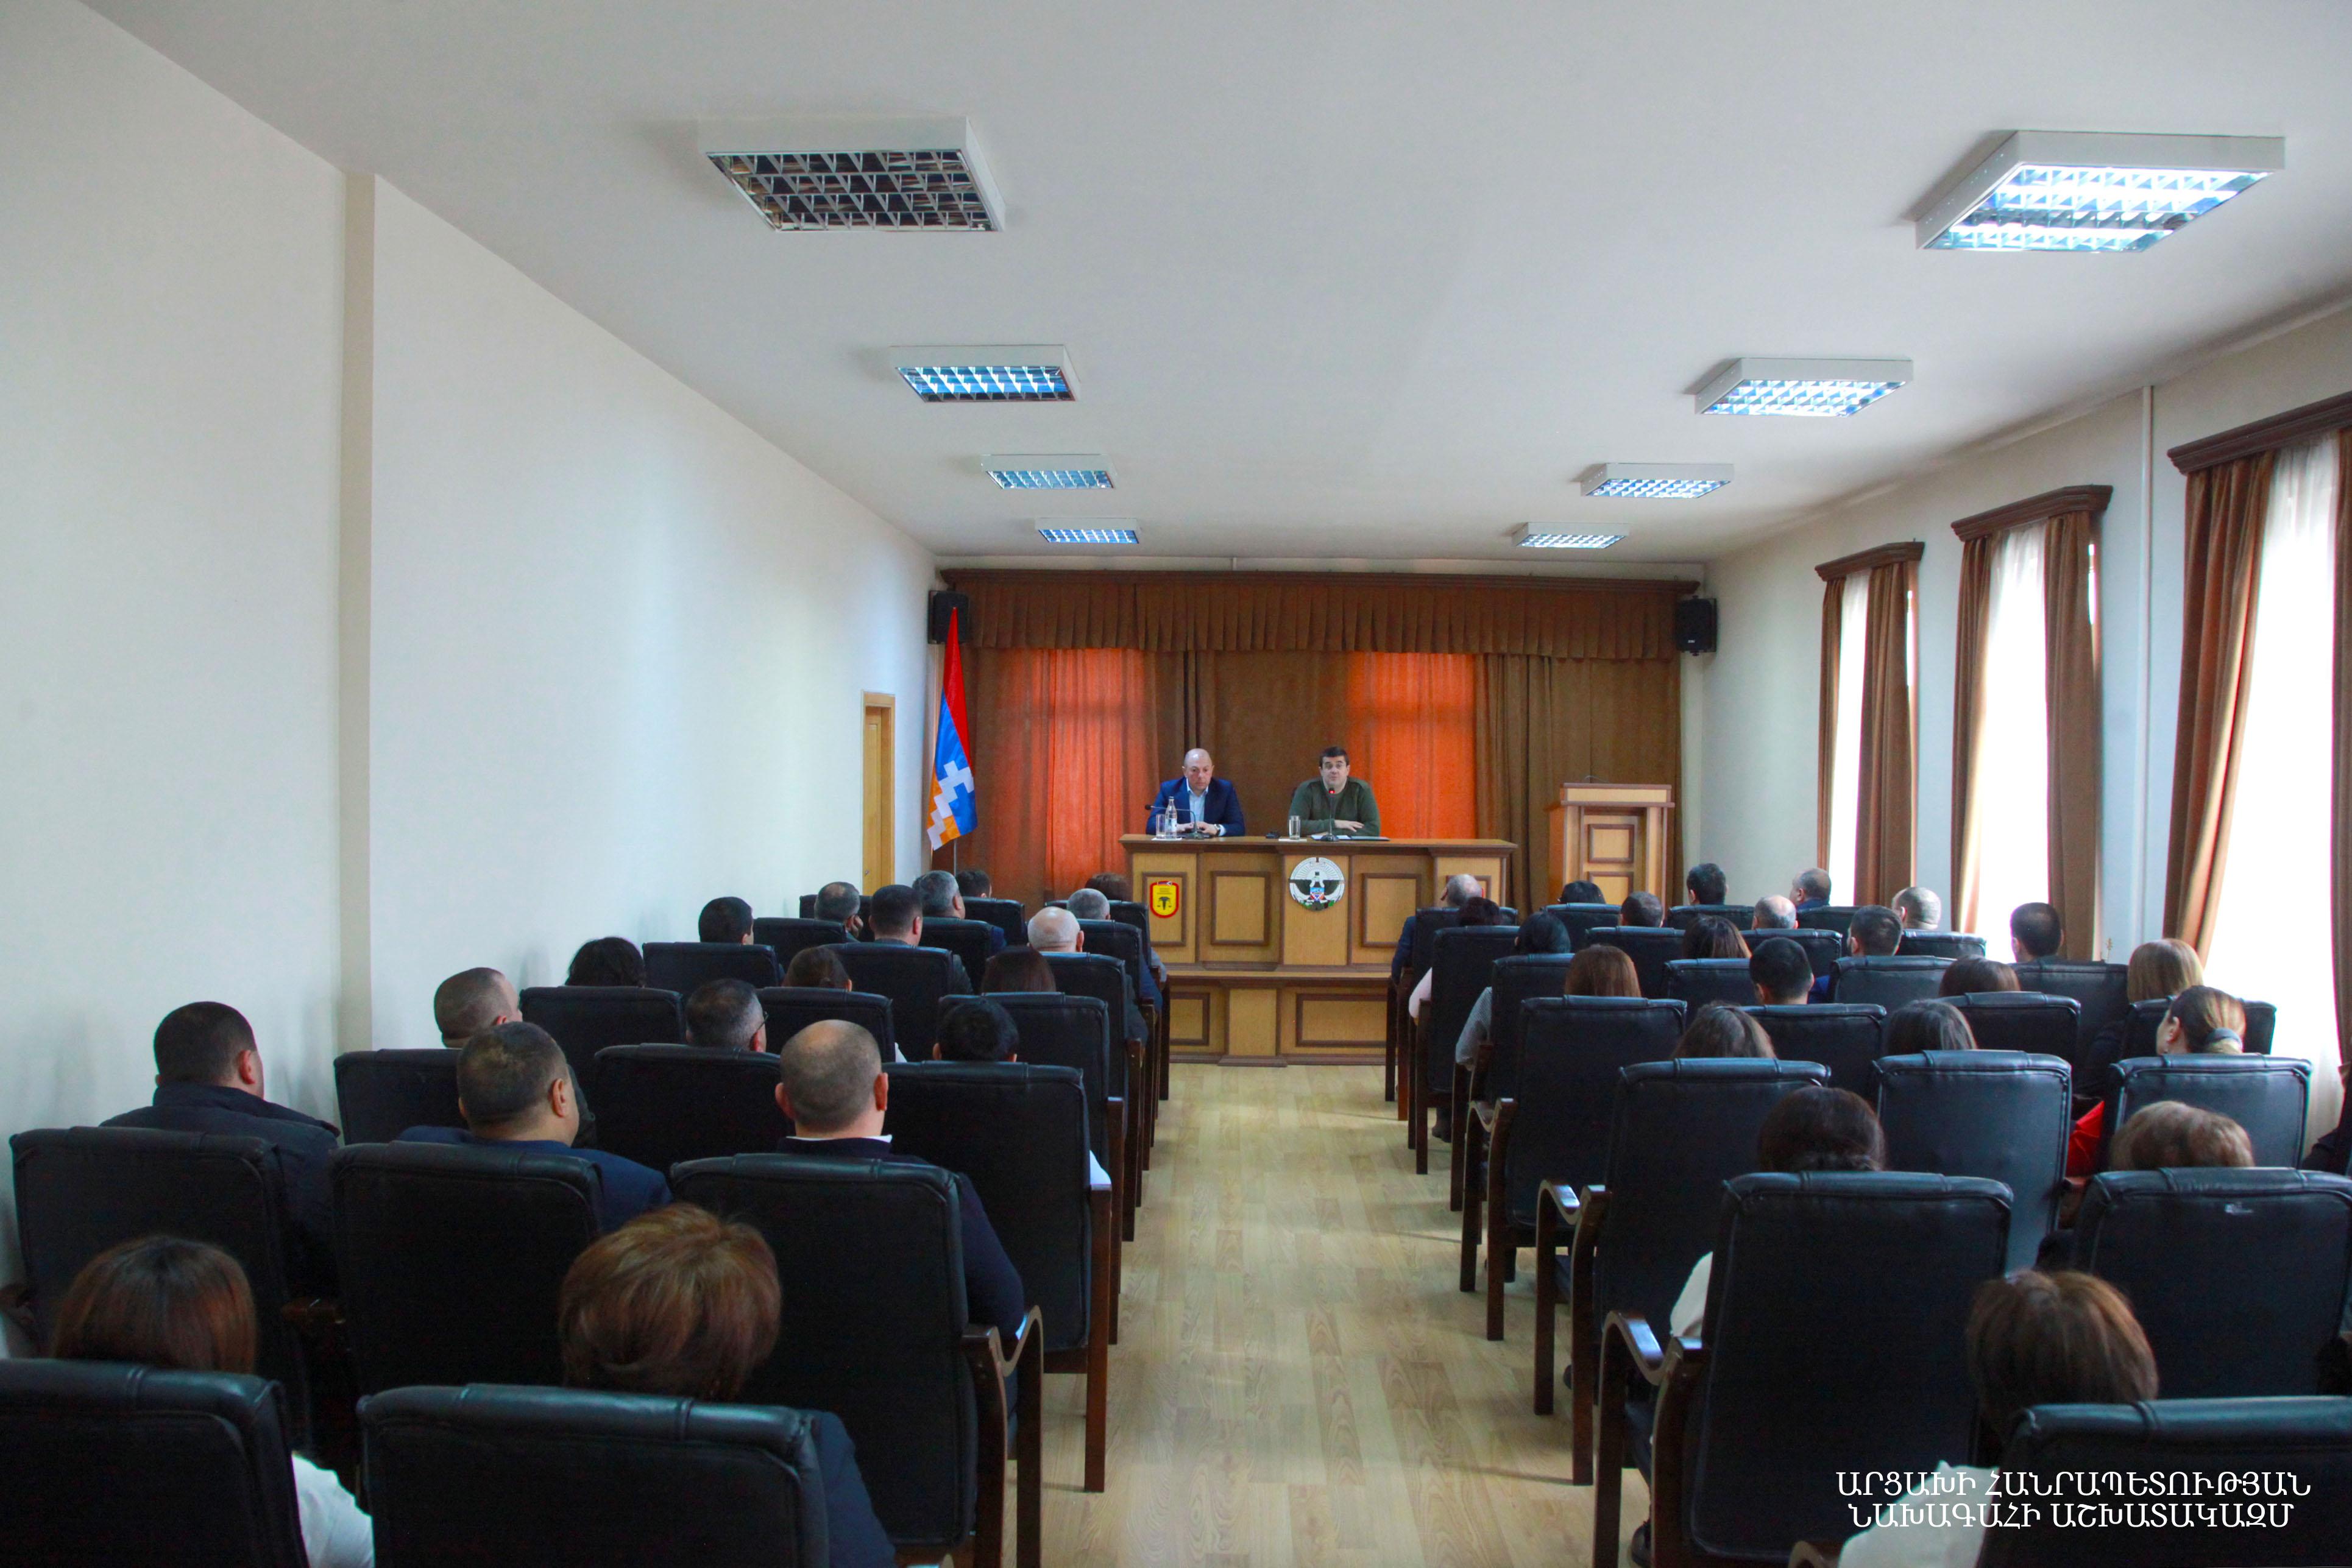 Photo of Արցախում նոր պատերազմ սկսելու մասին խոսակցություններն անհիմն են. Արայիկ Հարությունյանը հանդիպել է ԱՀ ՊԵԿ աշխատակիցների հետ